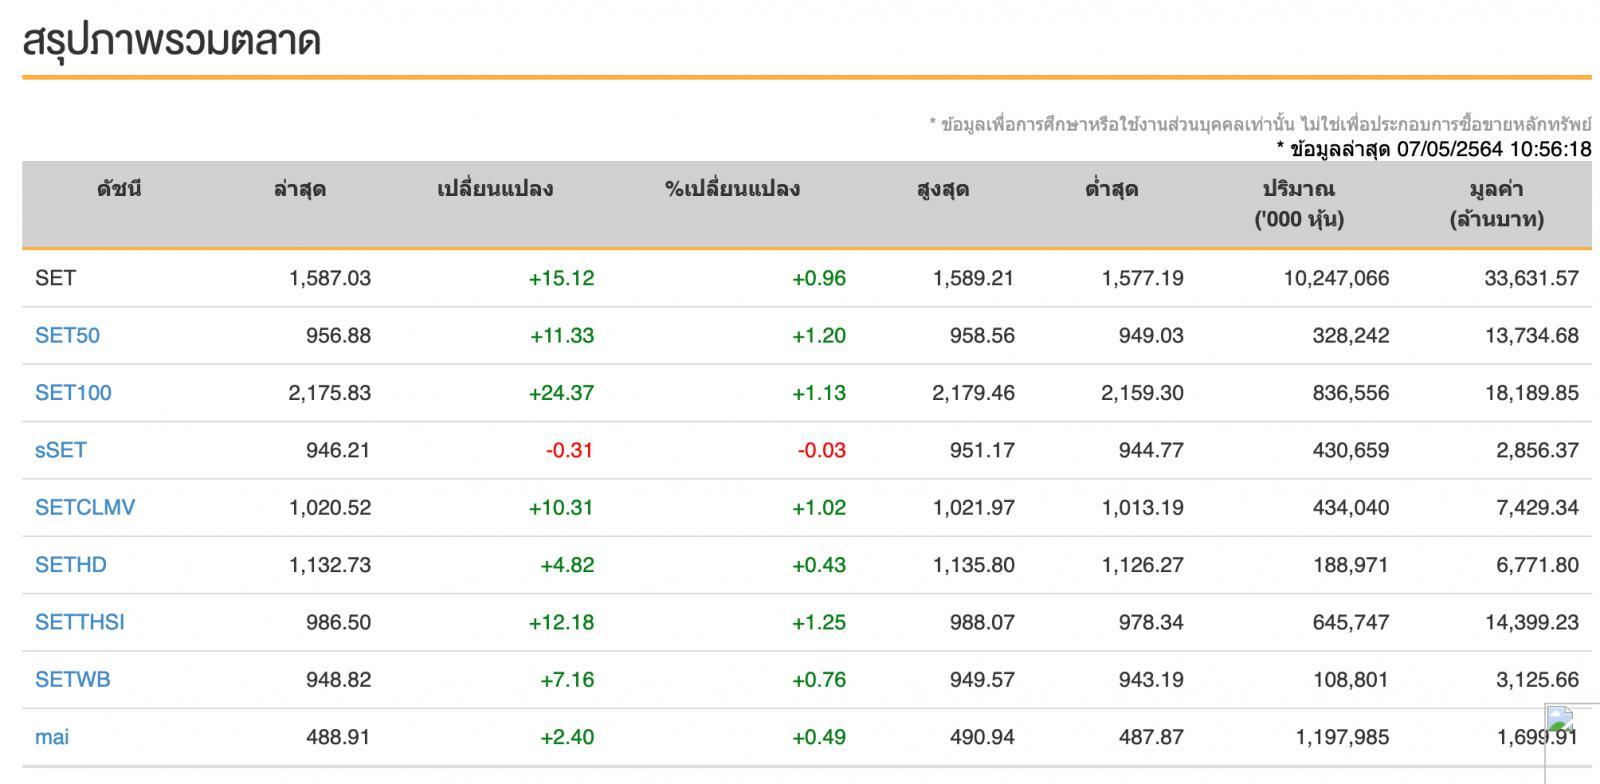 หุ้นไทยวันนี้ (7 พ.ค.64)  ปิดวันนี้ที่ระดับ 1,585.03 จุด เพิ่มขึ้น 13.12 จุด